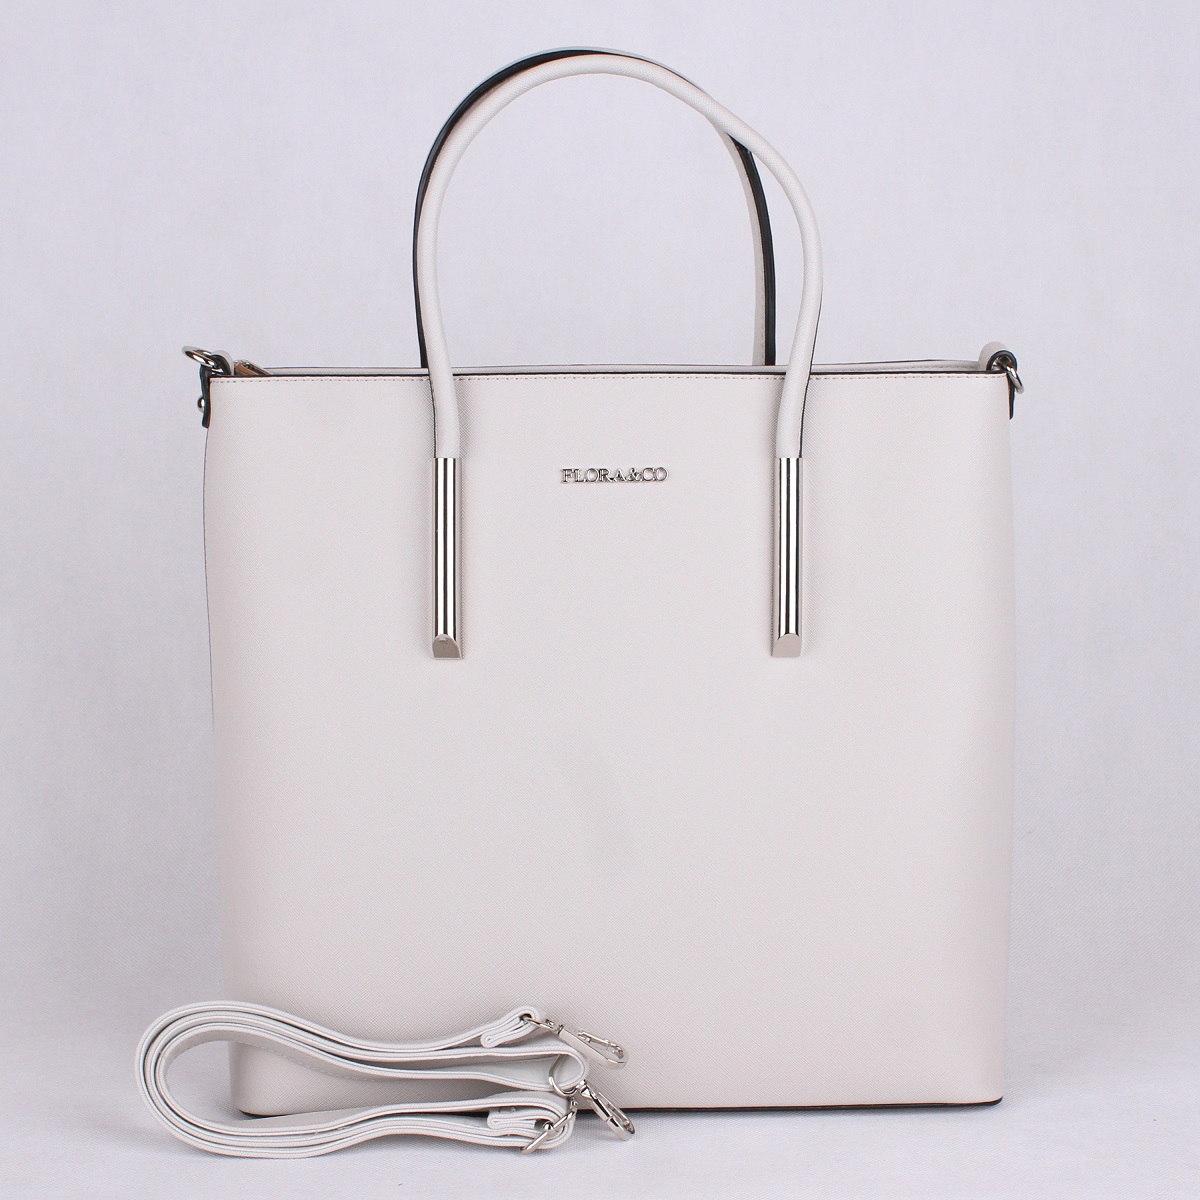 Krémově šedá velká elegantní pevná kabelka do ruky FLORA&CO F5645